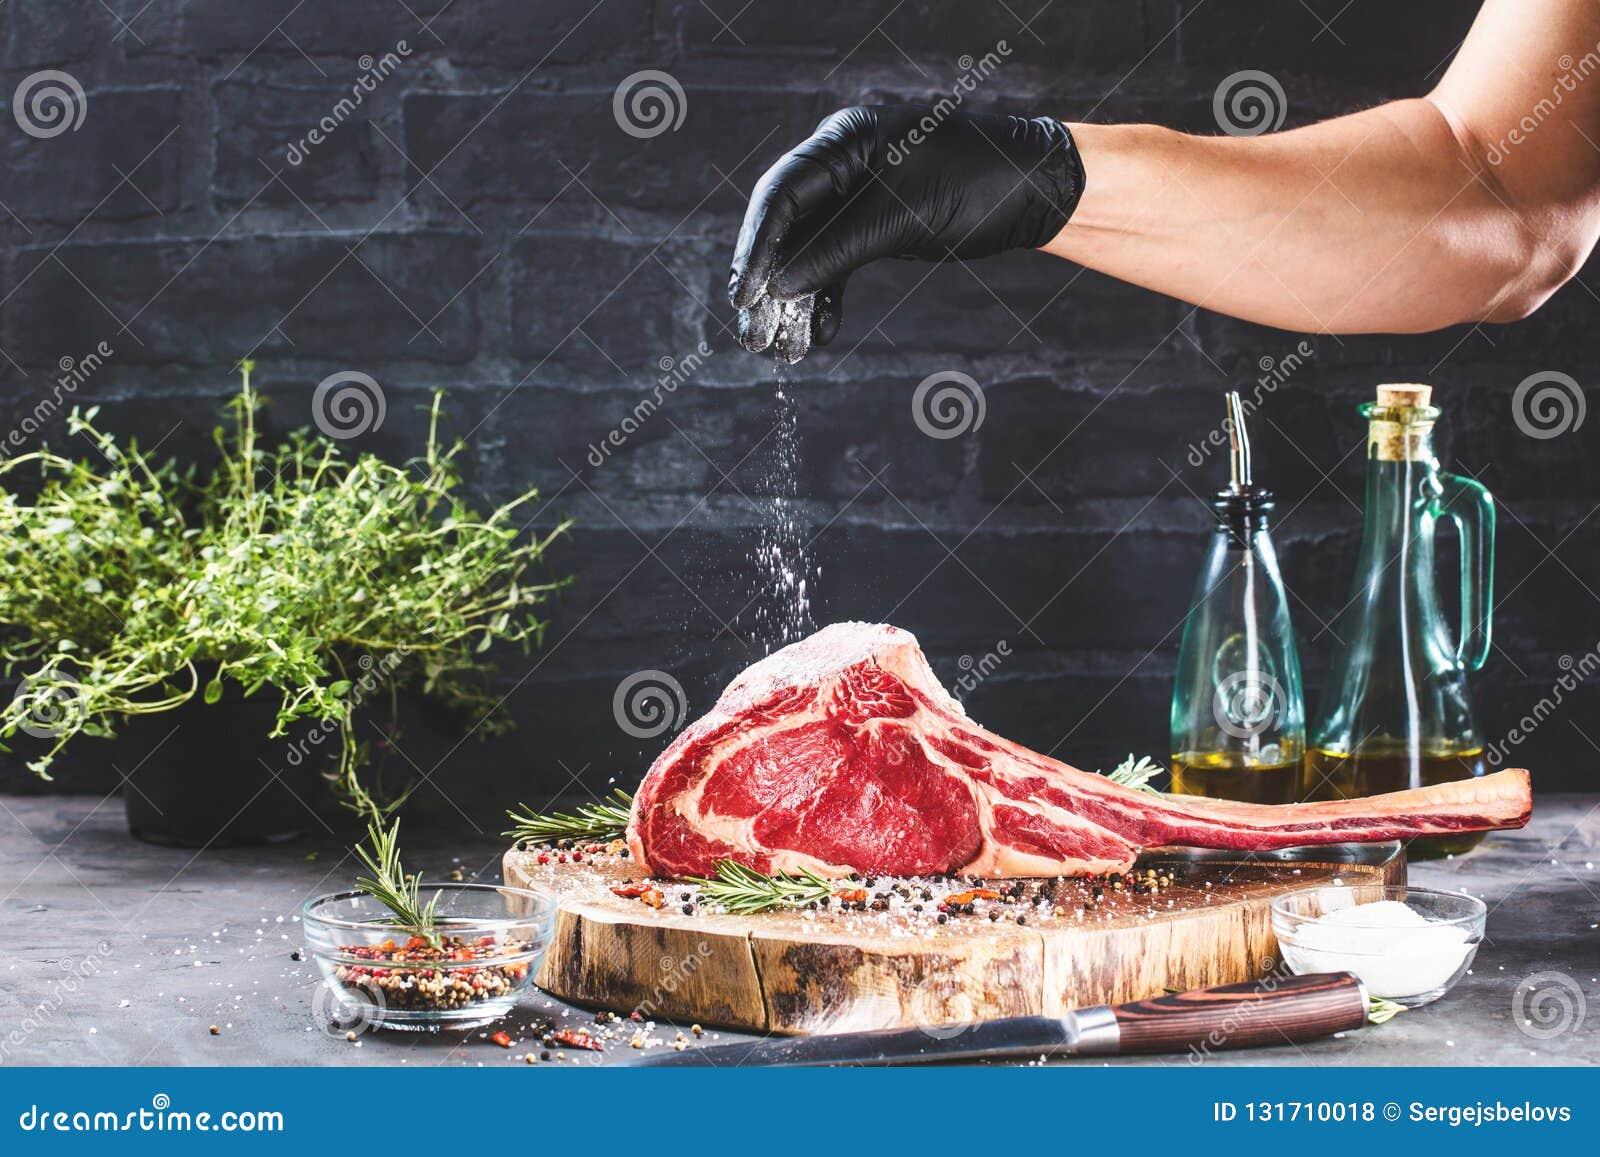 Τα αρσενικά χέρια της μπριζόλας βόειου κρέατος τομαχόκ εκμετάλλευσης χασάπηδων ή μαγείρων στη σκοτεινή αγροτική κουζίνα παρουσιάζ